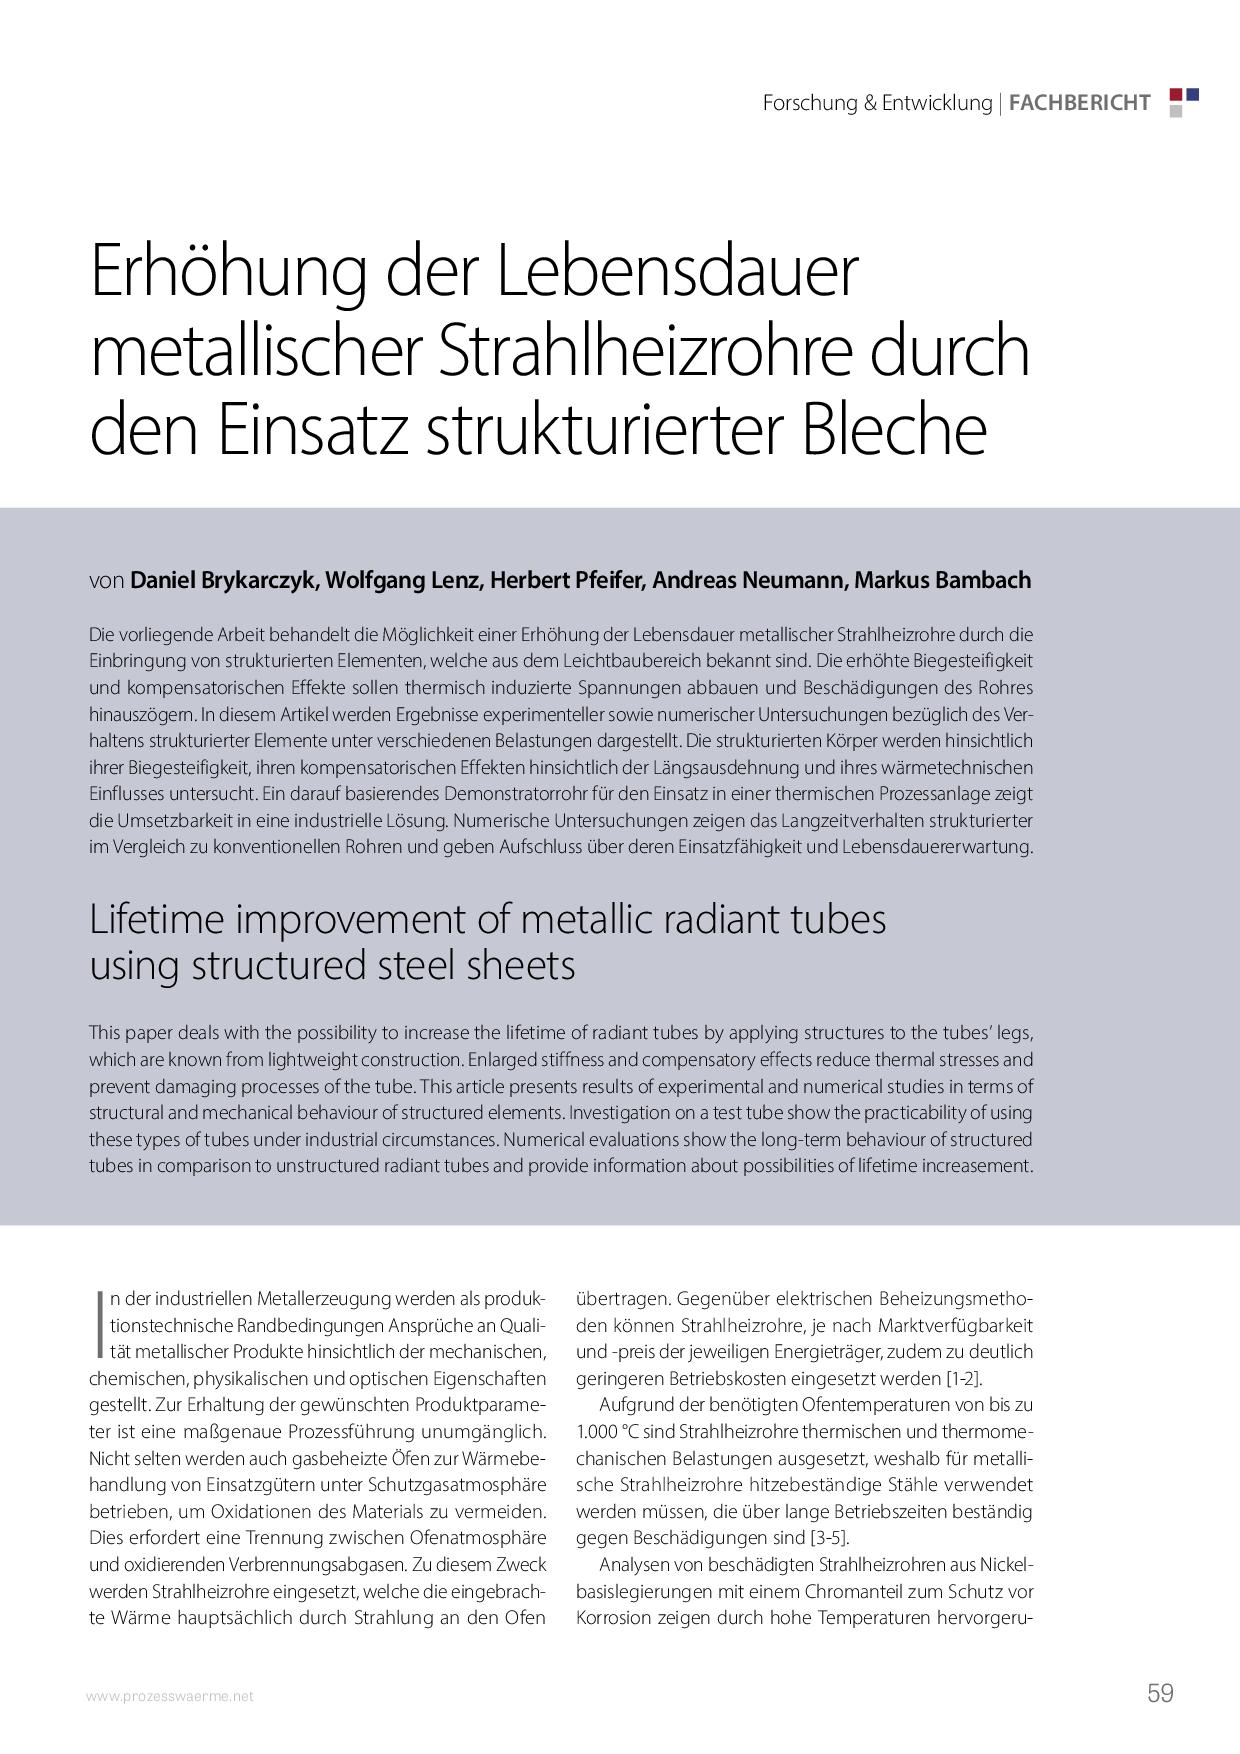 Erhöhung der Lebensdauer metallischer Strahlheizrohre durch den Einsatz strukturierter Bleche